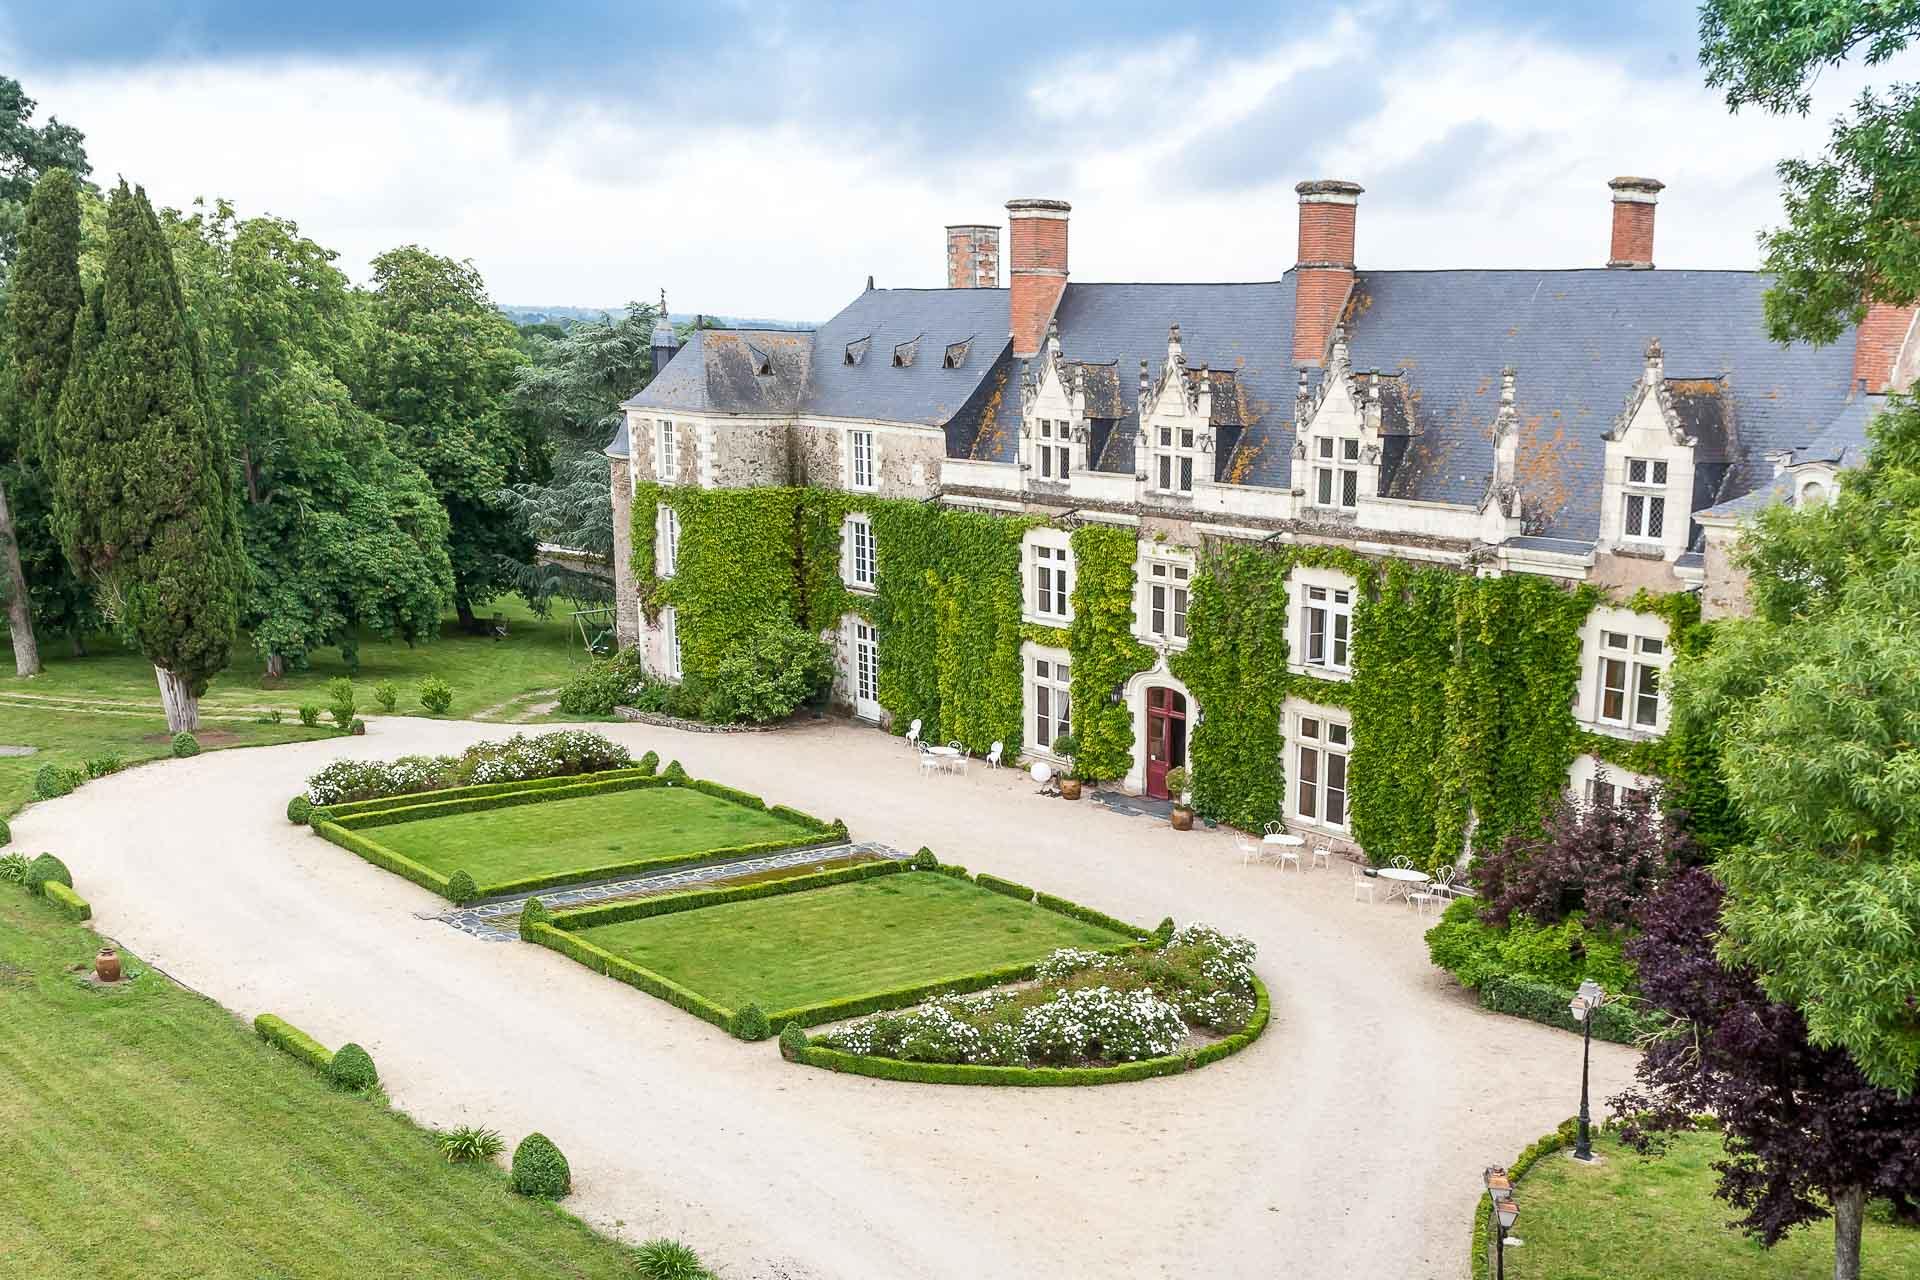 Les plus beaux hôtels du Val de Loire ? Retrouvez notre sélection d'hôtels charme et luxe dans cette région inscrite au Patrimoine mondial de l'UNESCO, à deux pas de ses si célèbres châteaux et vignobles.